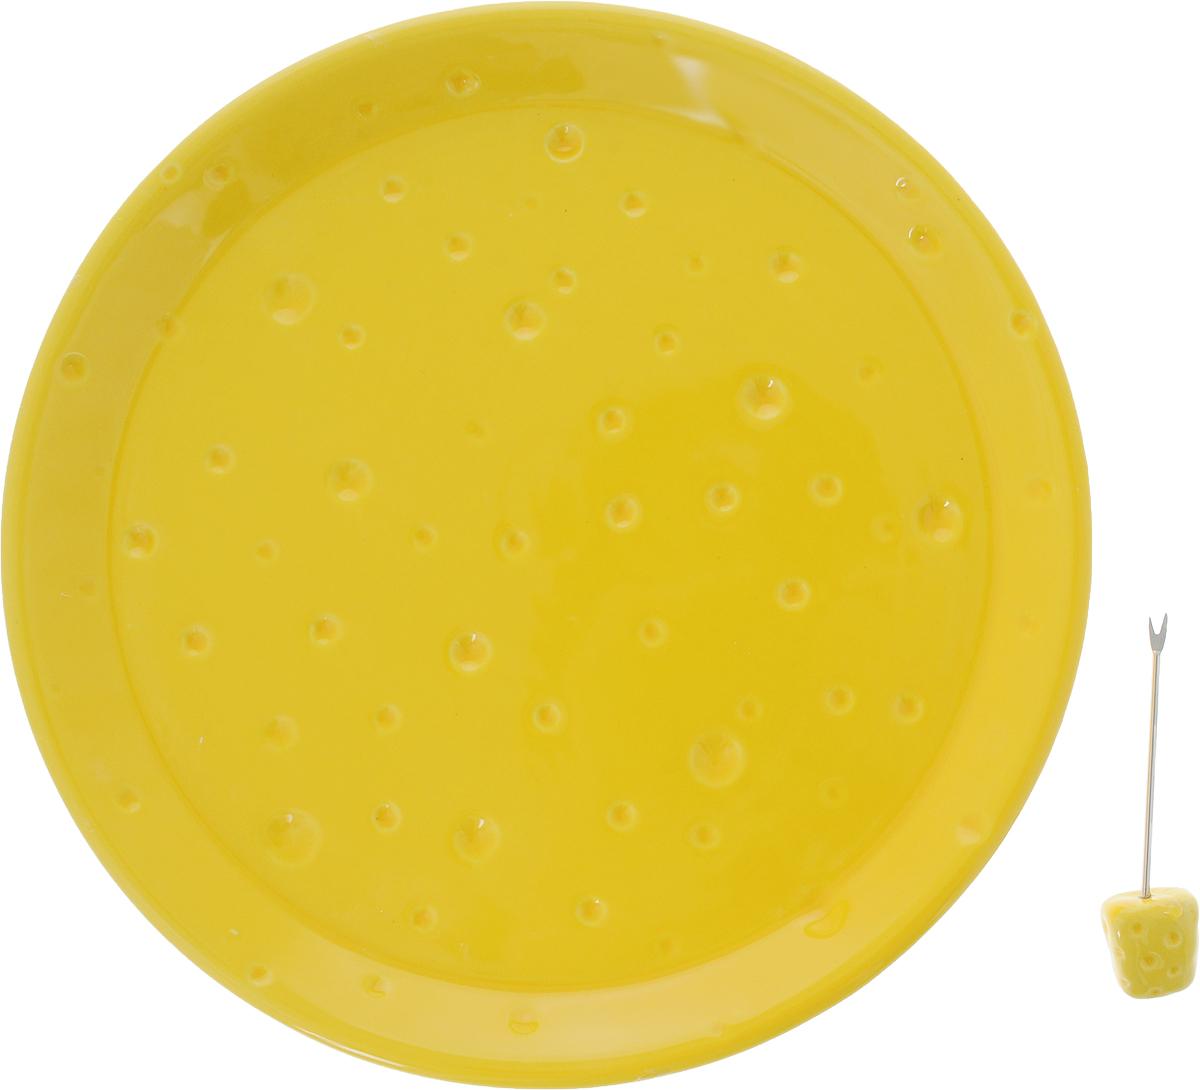 Тарелка для сыра Elan Gallery, с вилкой, диаметр 24 см110766Тарелка для сыра Elan Gallery, изготовленная из керамики, сочетает в себе изысканный дизайн с максимальной функциональностью. Красочность оформления придется по вкусу тем, кто предпочитает утонченность и изящность. В комплект входит оригинальная вилка с наконечником.Тарелка Elan Gallery украсит сервировку вашего стола и подчеркнет прекрасный вкус хозяйки, а также станет отличным подарком. Диаметр тарелки (по верхнему краю): 24 см.Высота тарелки: 2,5 см.Длина вилки: 9 см.